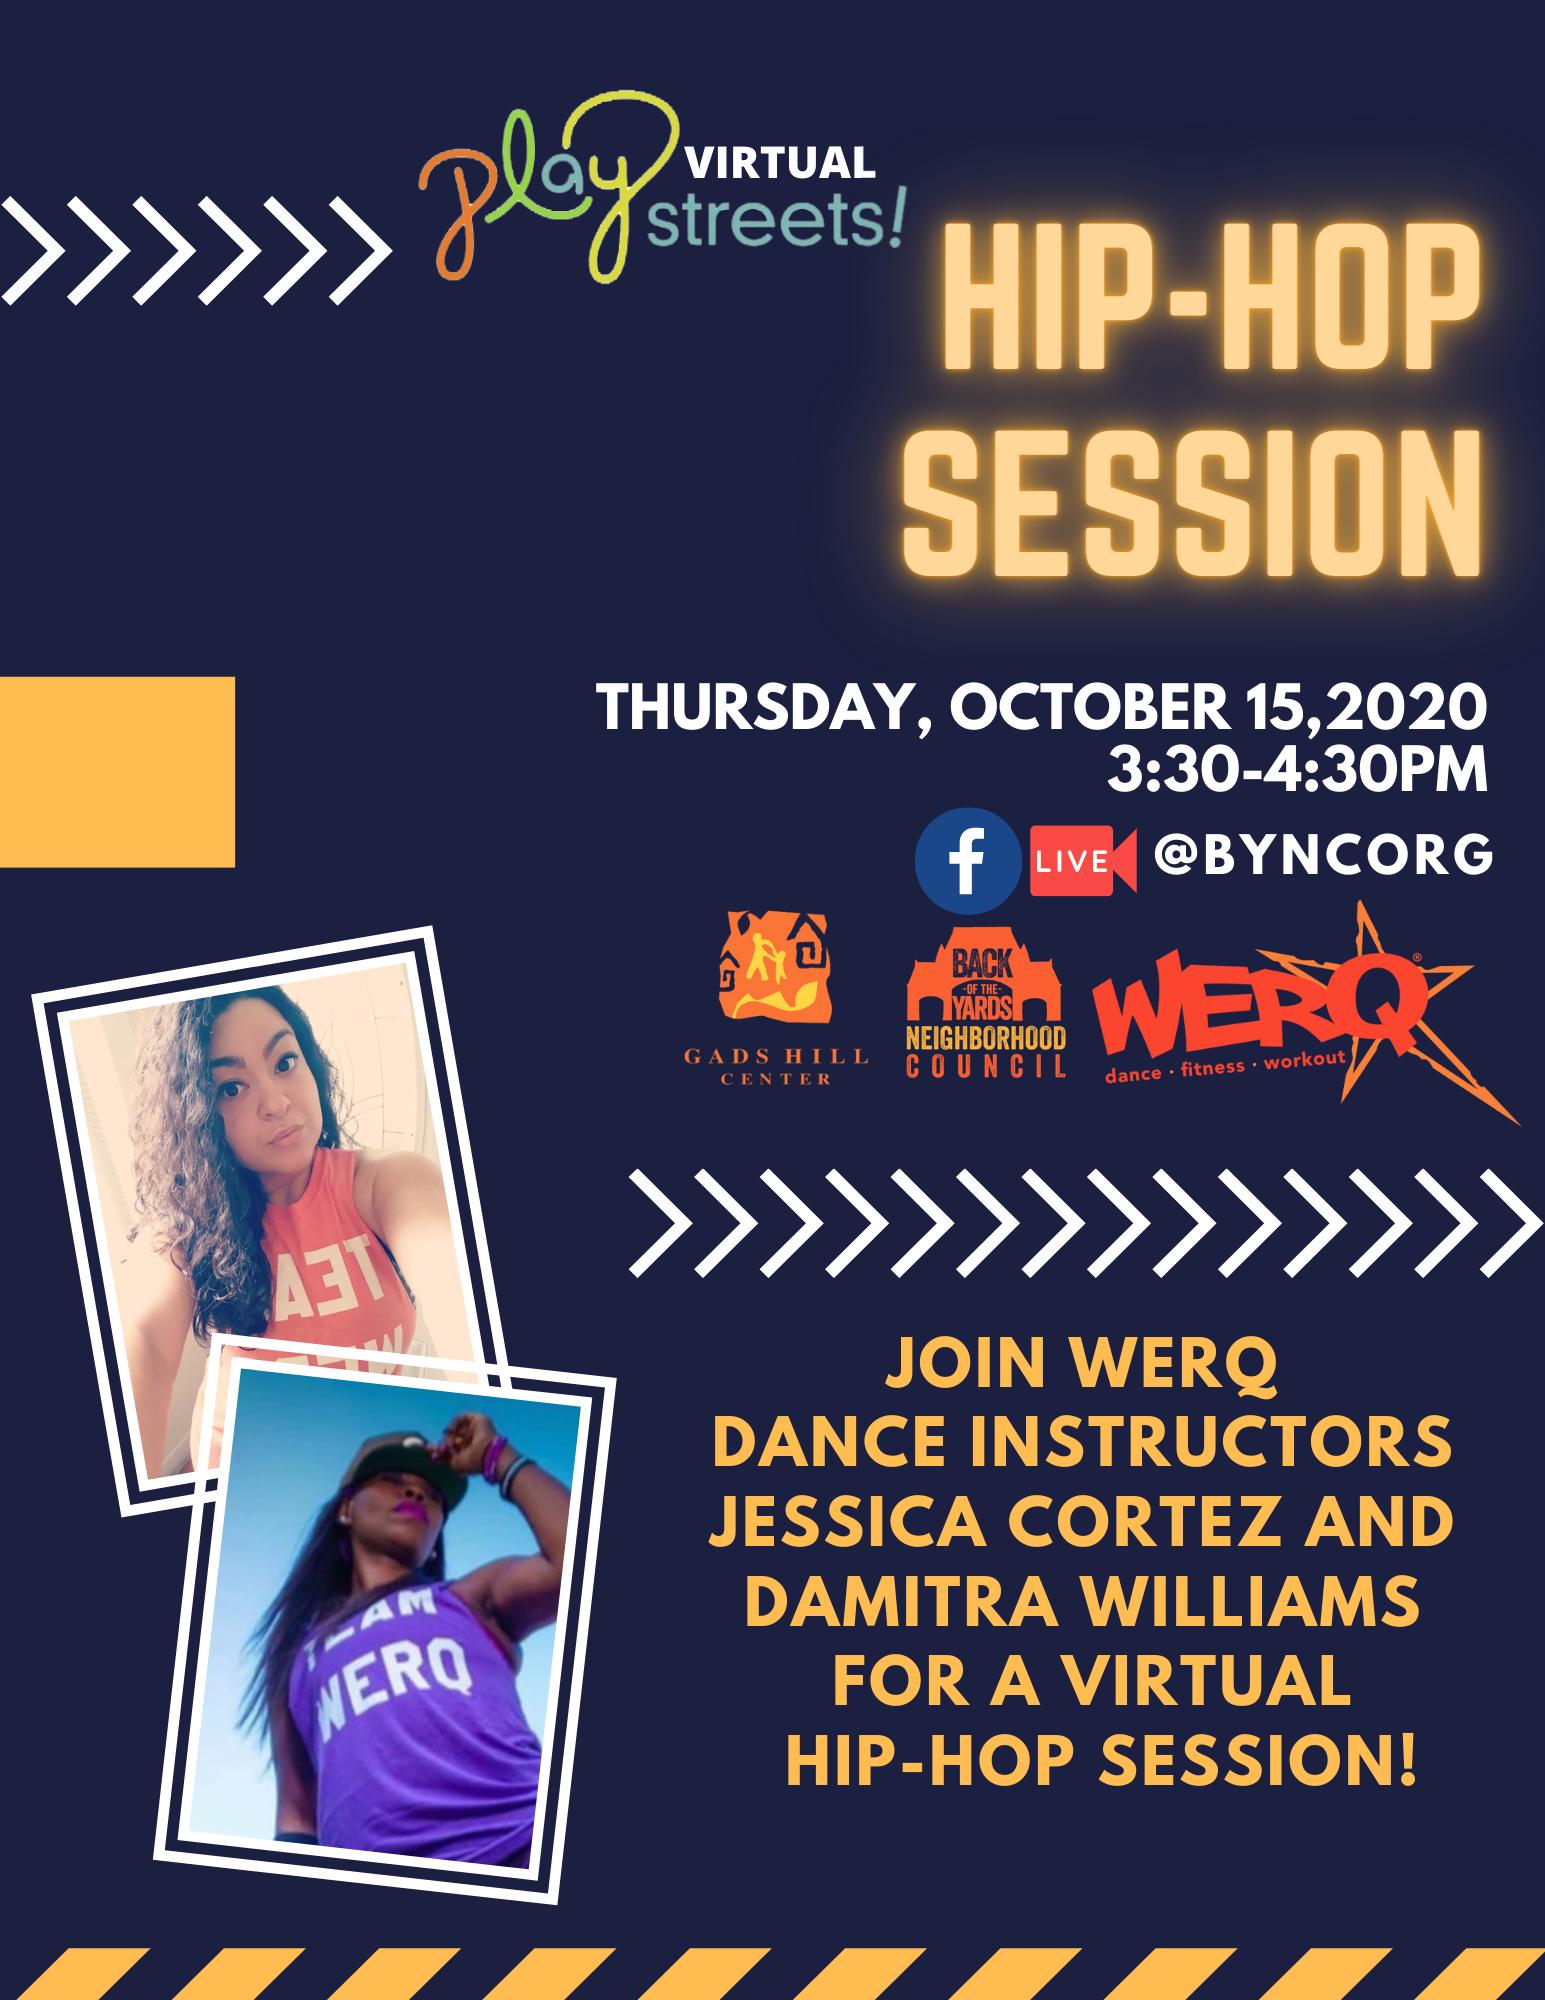 hip-hop session flyer